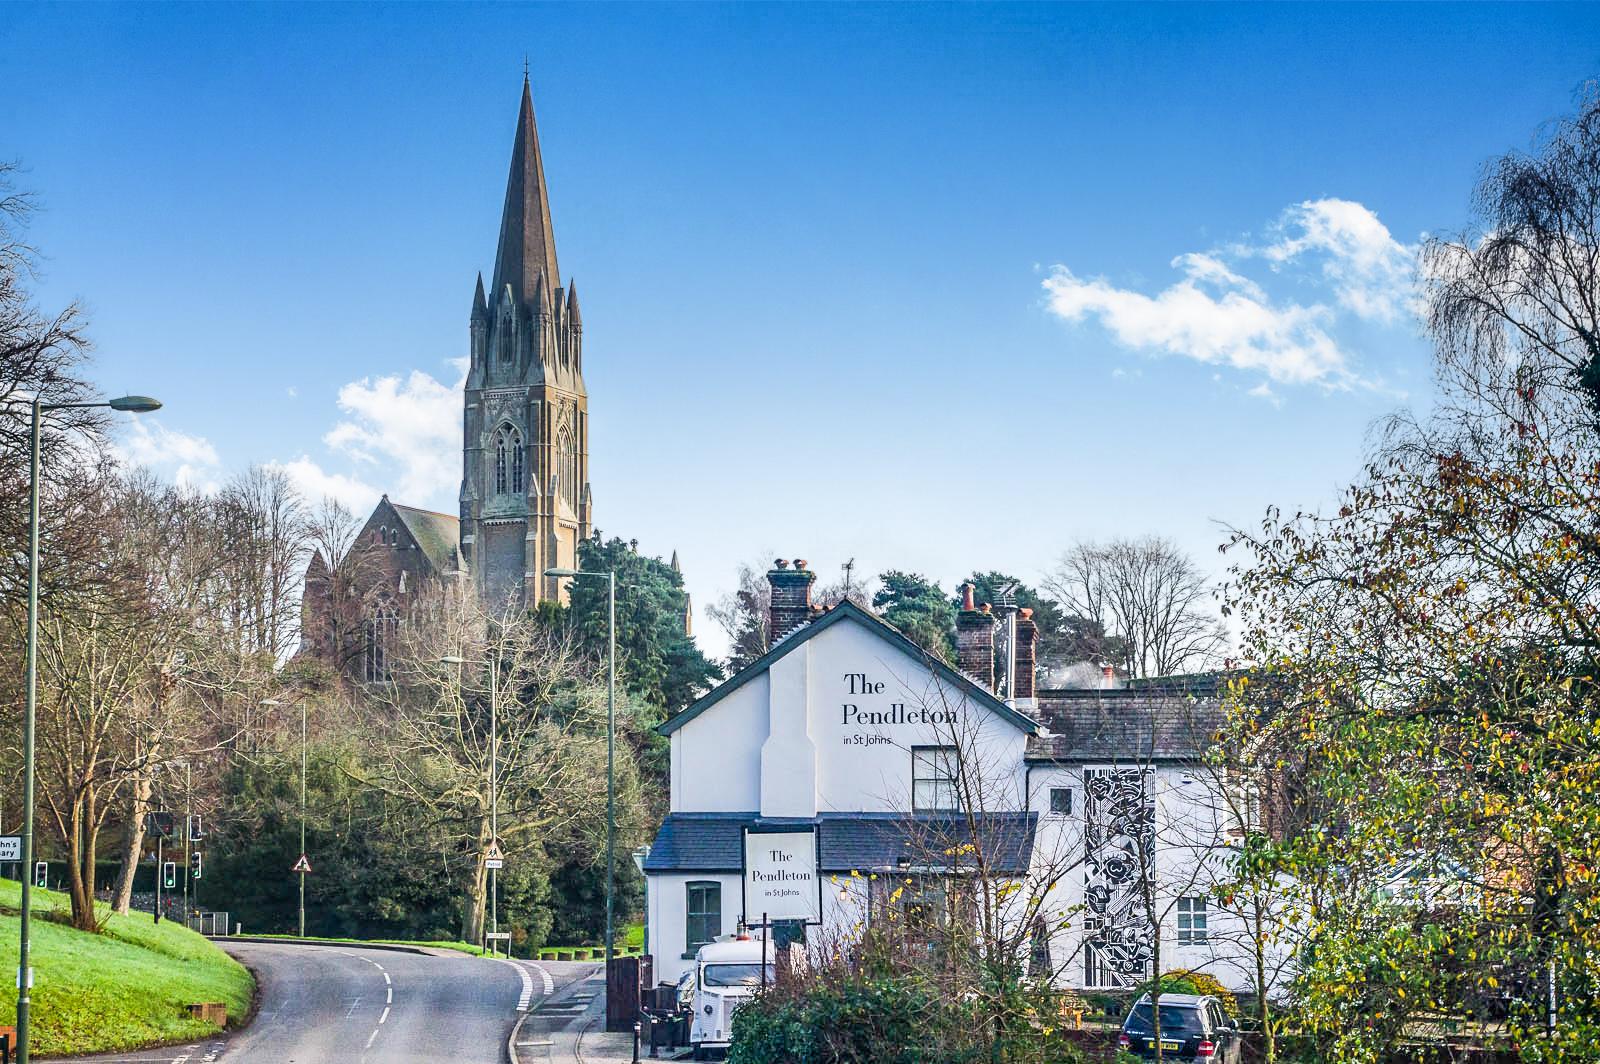 Redhill, UK